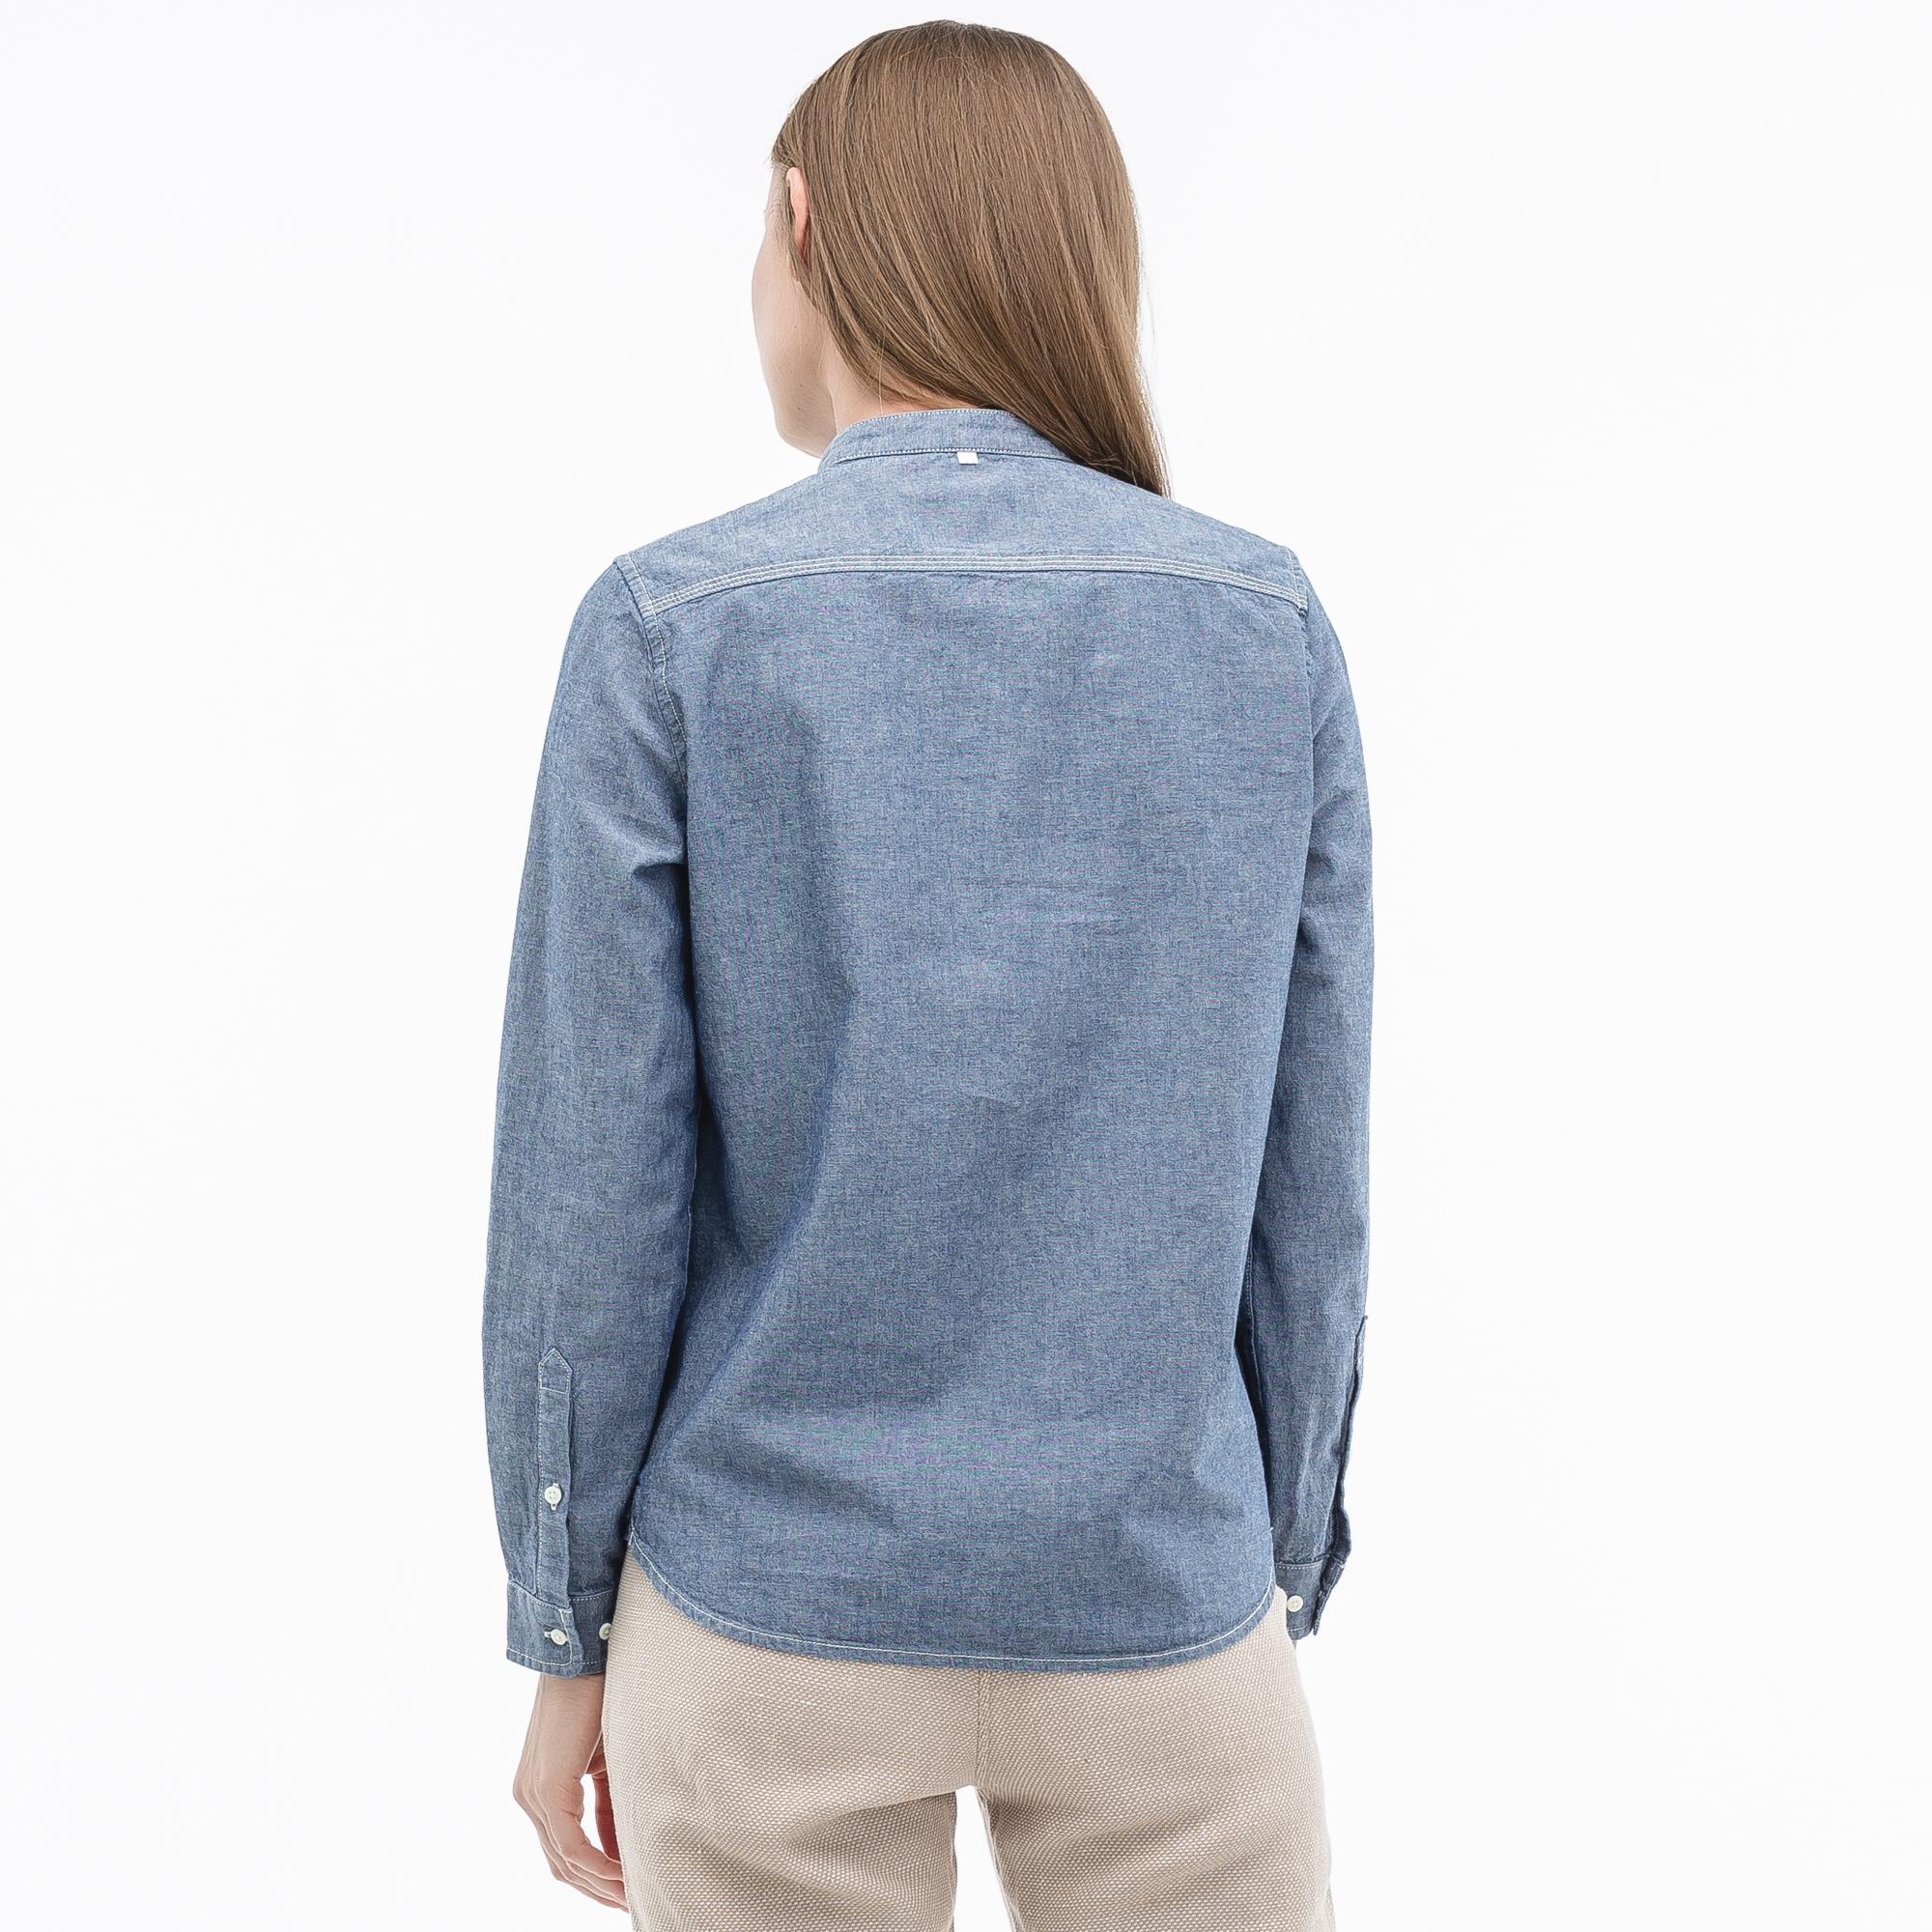 Фото 4 - Рубашку Lacoste Loose fit синего цвета